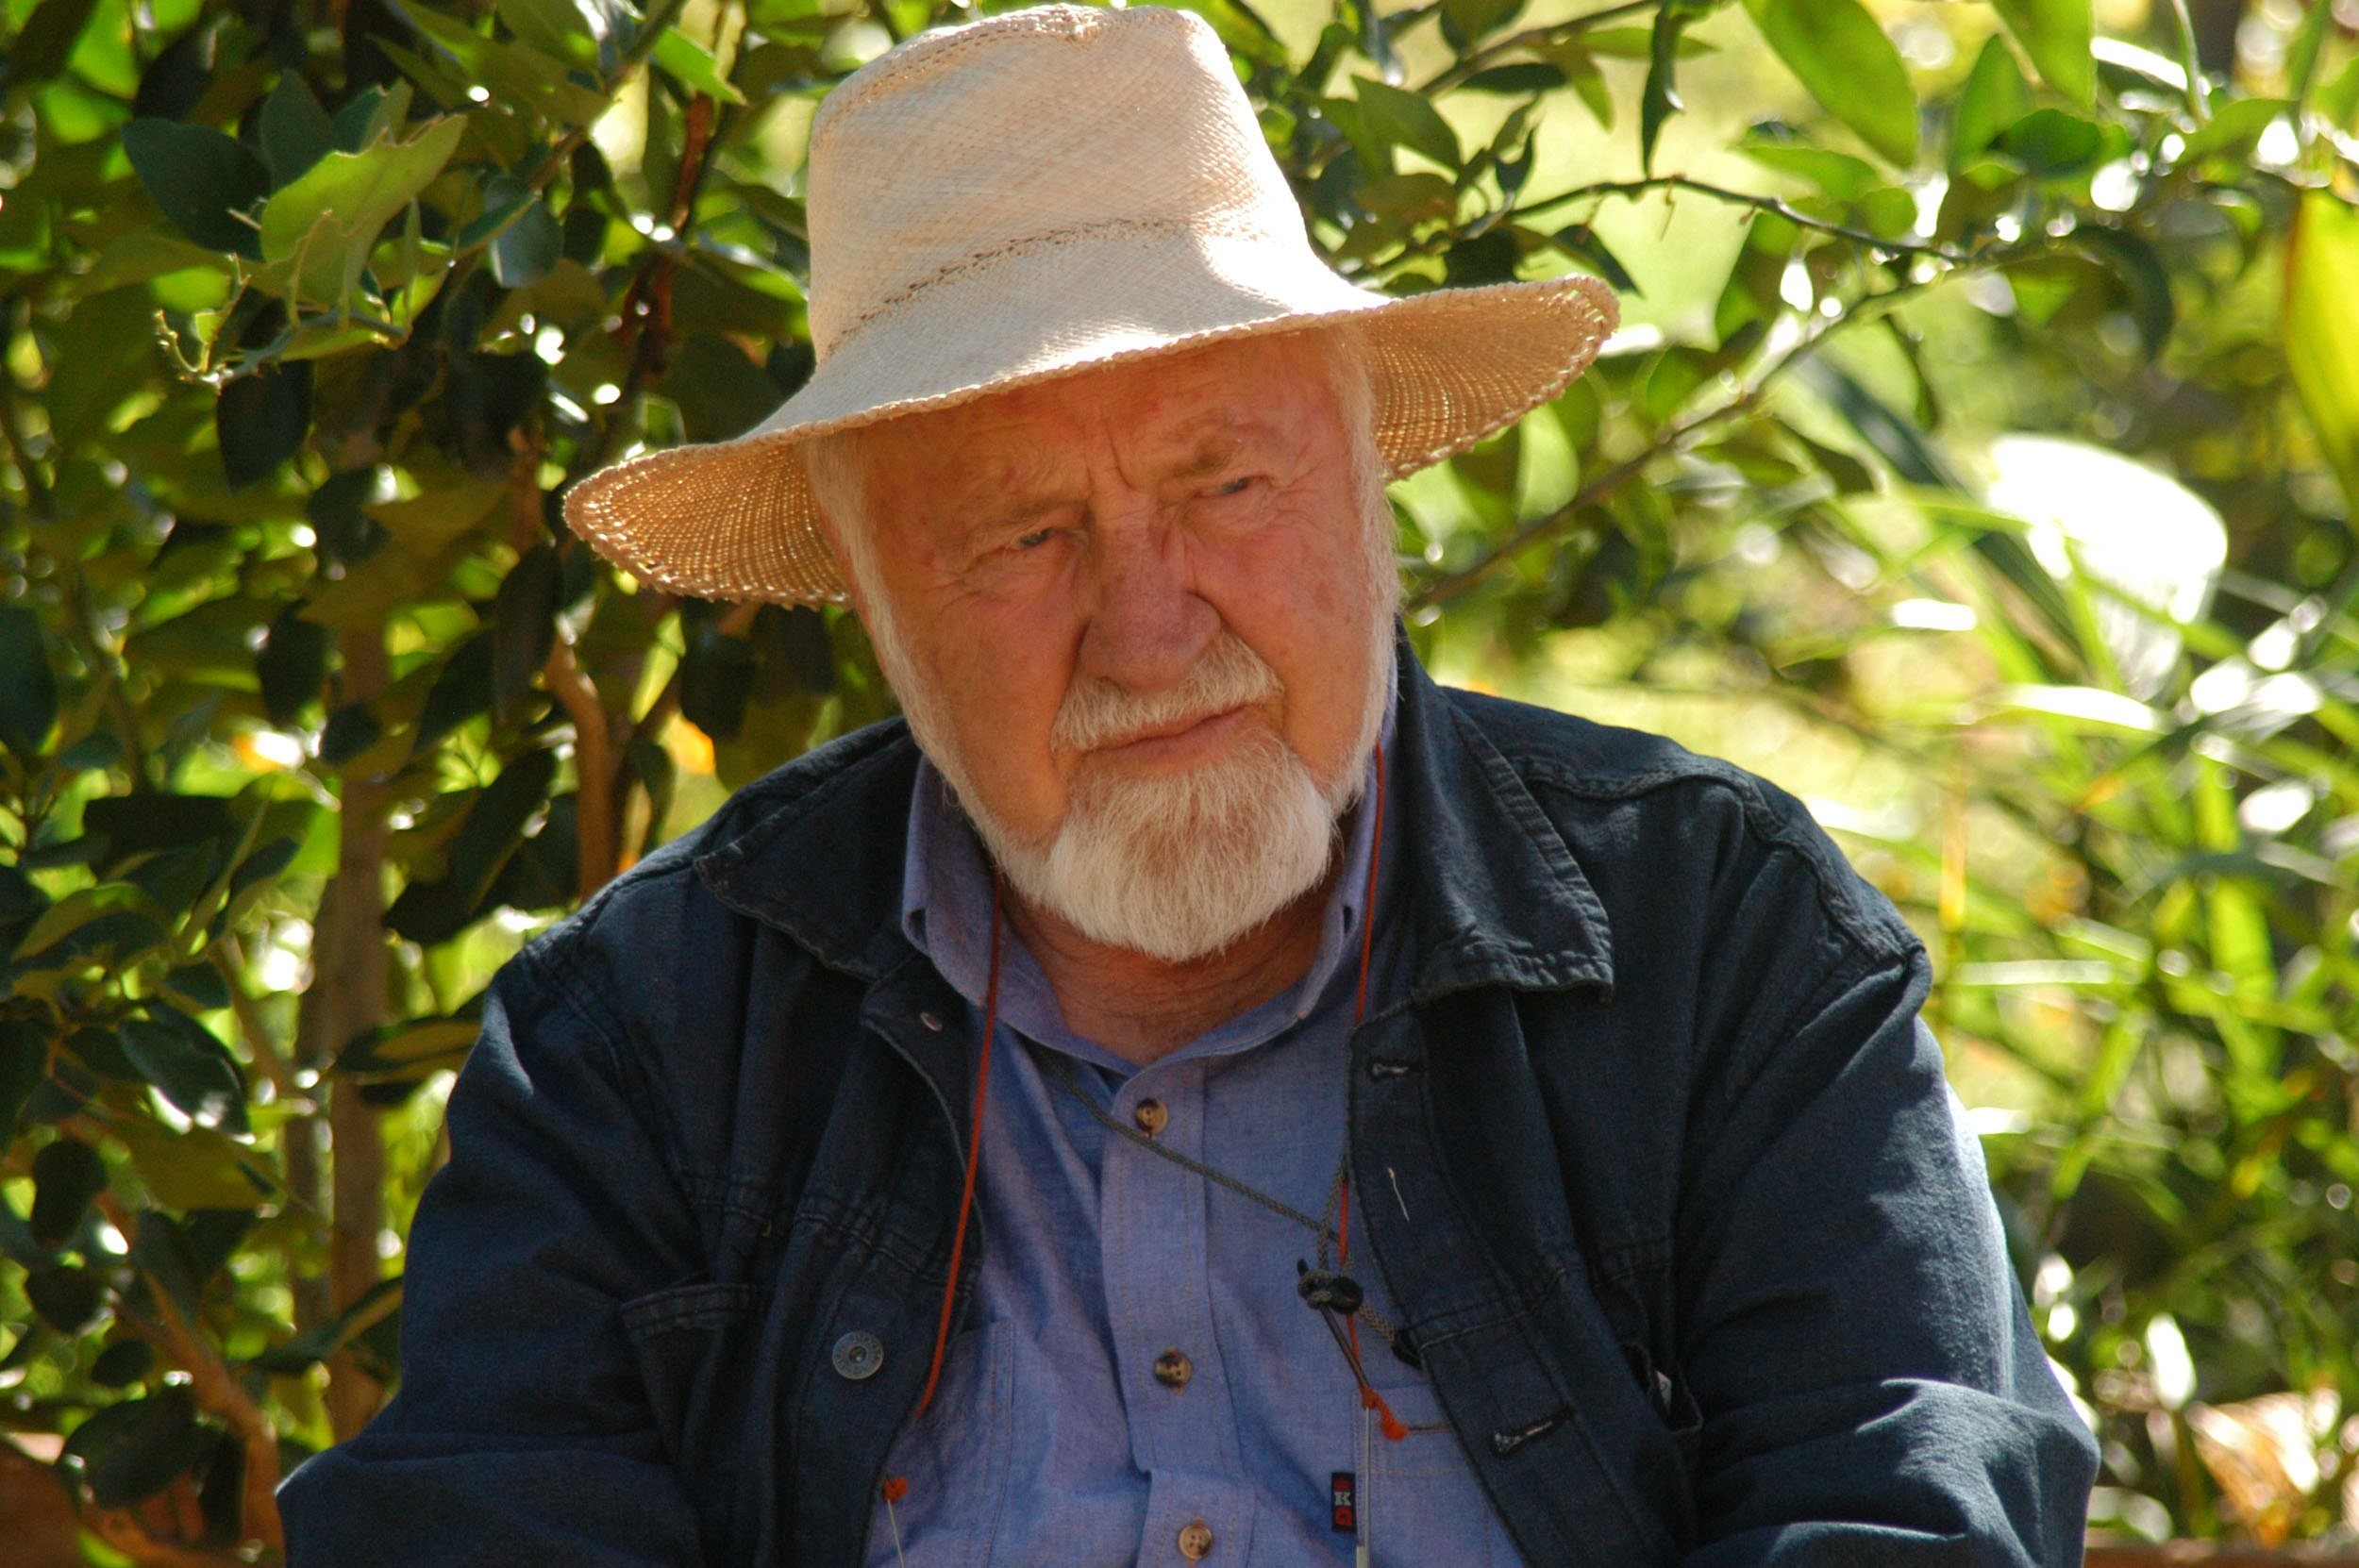 Bill mollison at Ecocentro IPEC